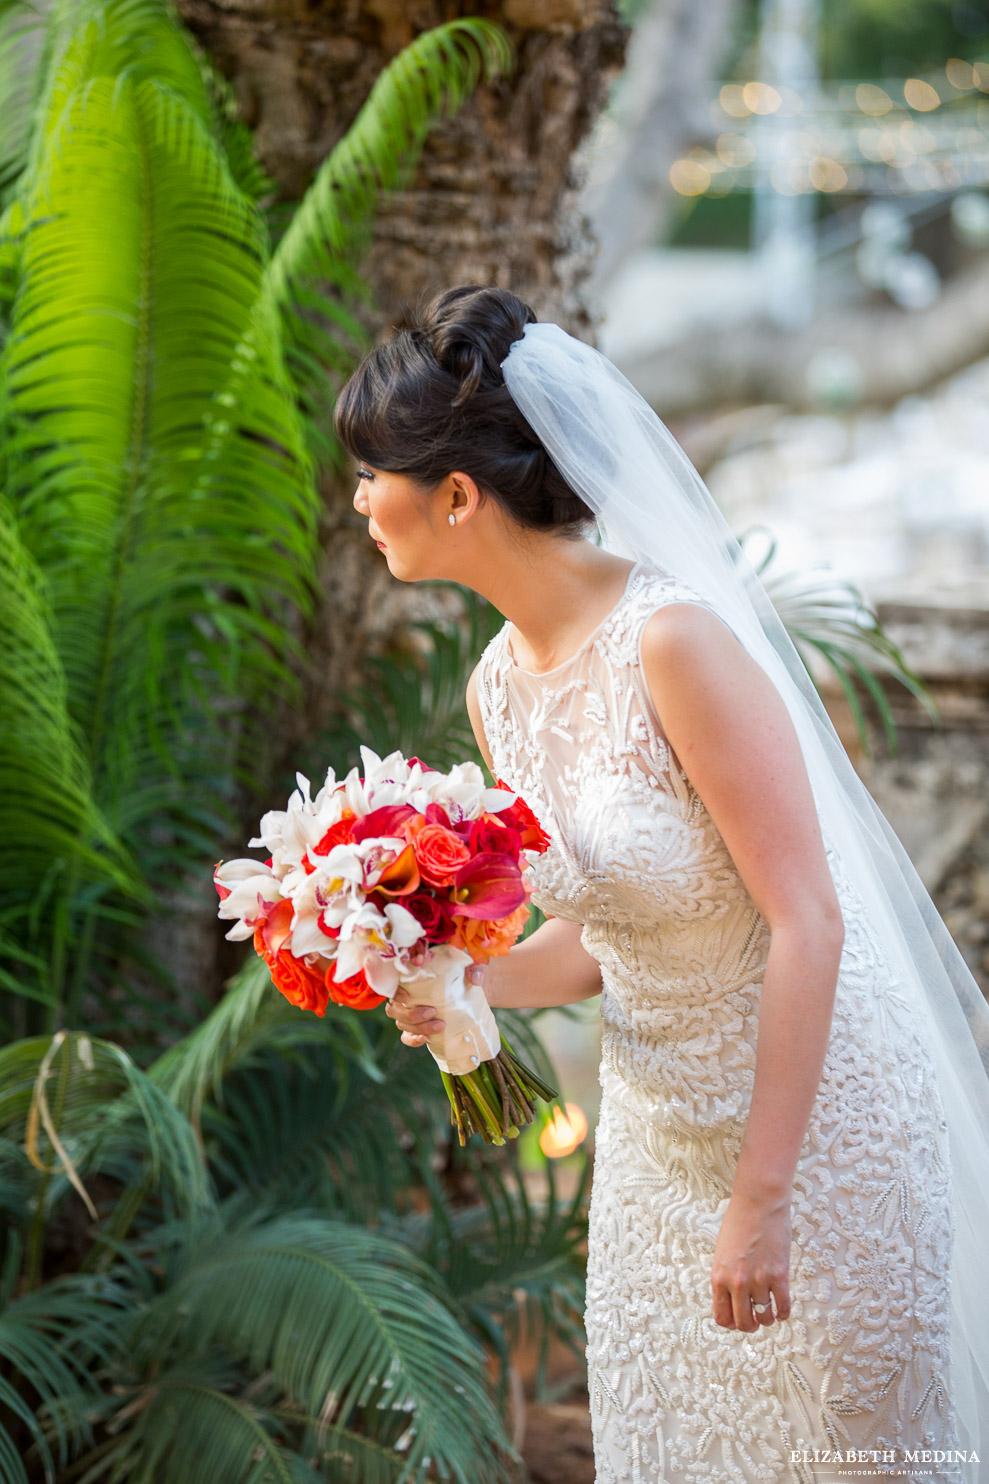 hacienda tekik de regil wedding elizabeth medina photography 33 Hacienda Tekik de Regil Yucatan Wedding, Fotografía Hacienda Tekik de Regil, Yucatán